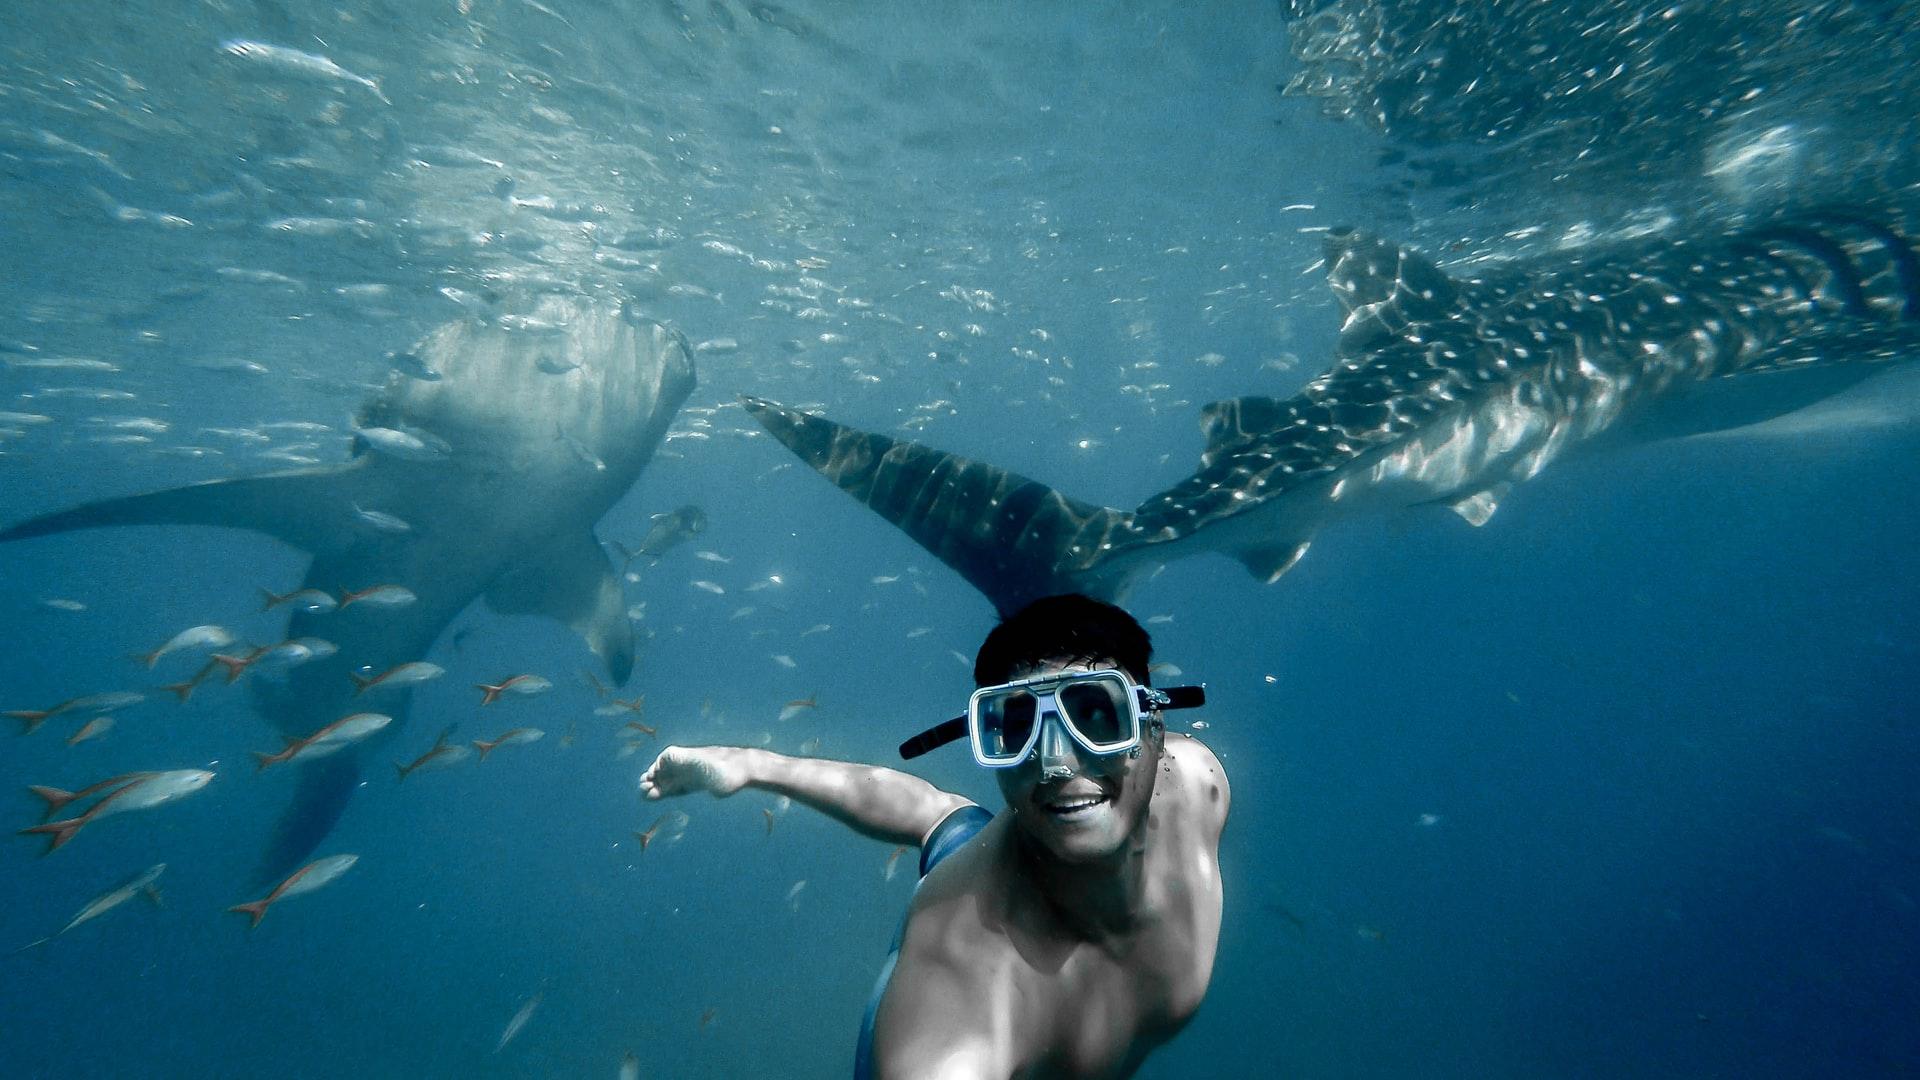 St. Helena Tourism - Whale Shark